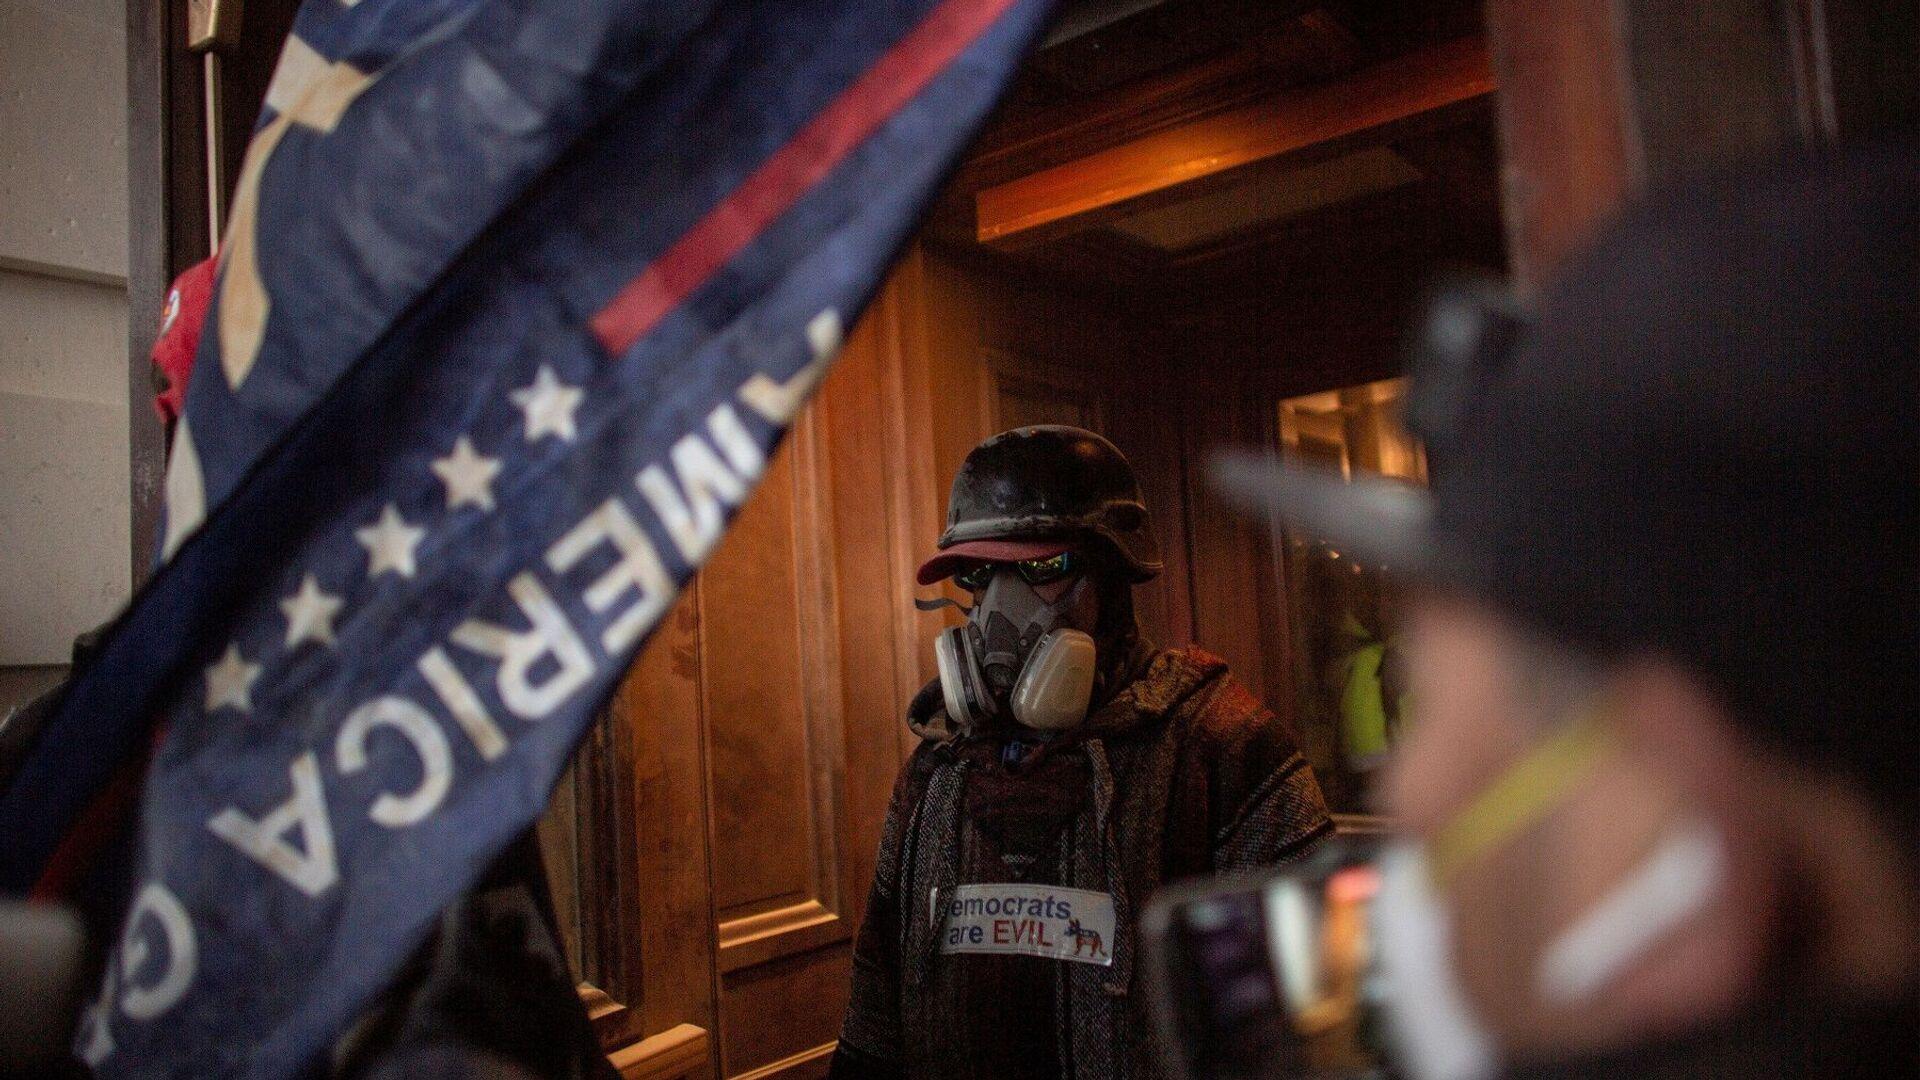 ABD'de Kongre baskını soruşturmasında Trump yönetimi yetkilileri ifadeye çağrıldı